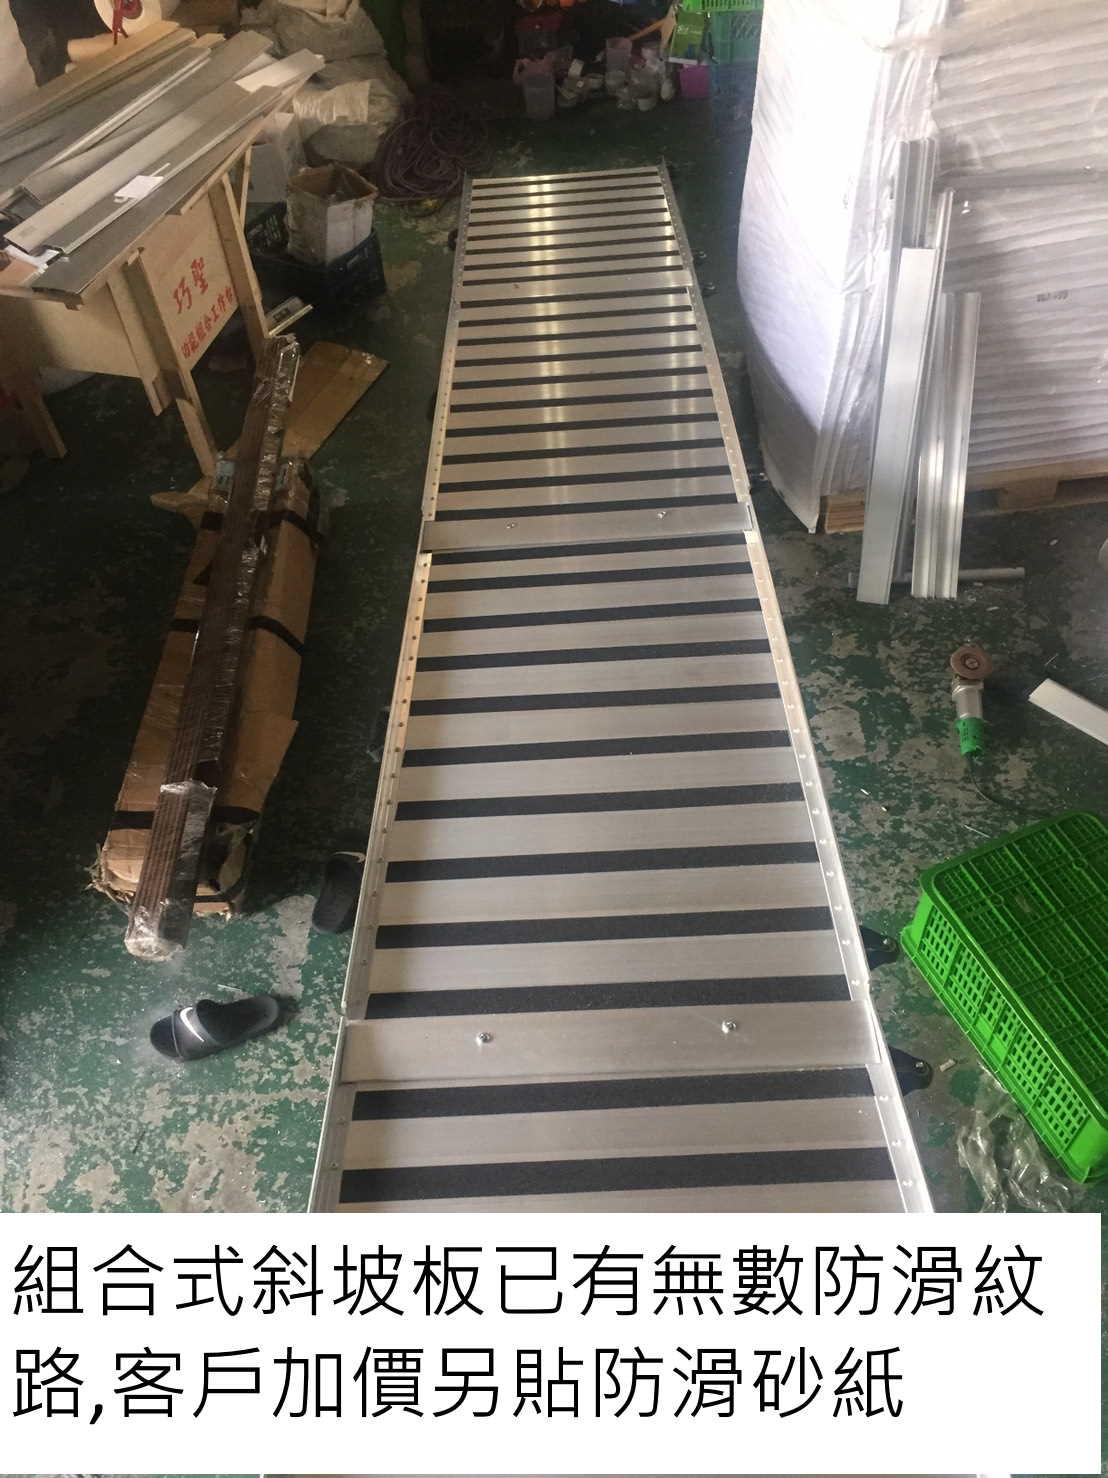 組合式斜坡板加價貼防滑砂紙